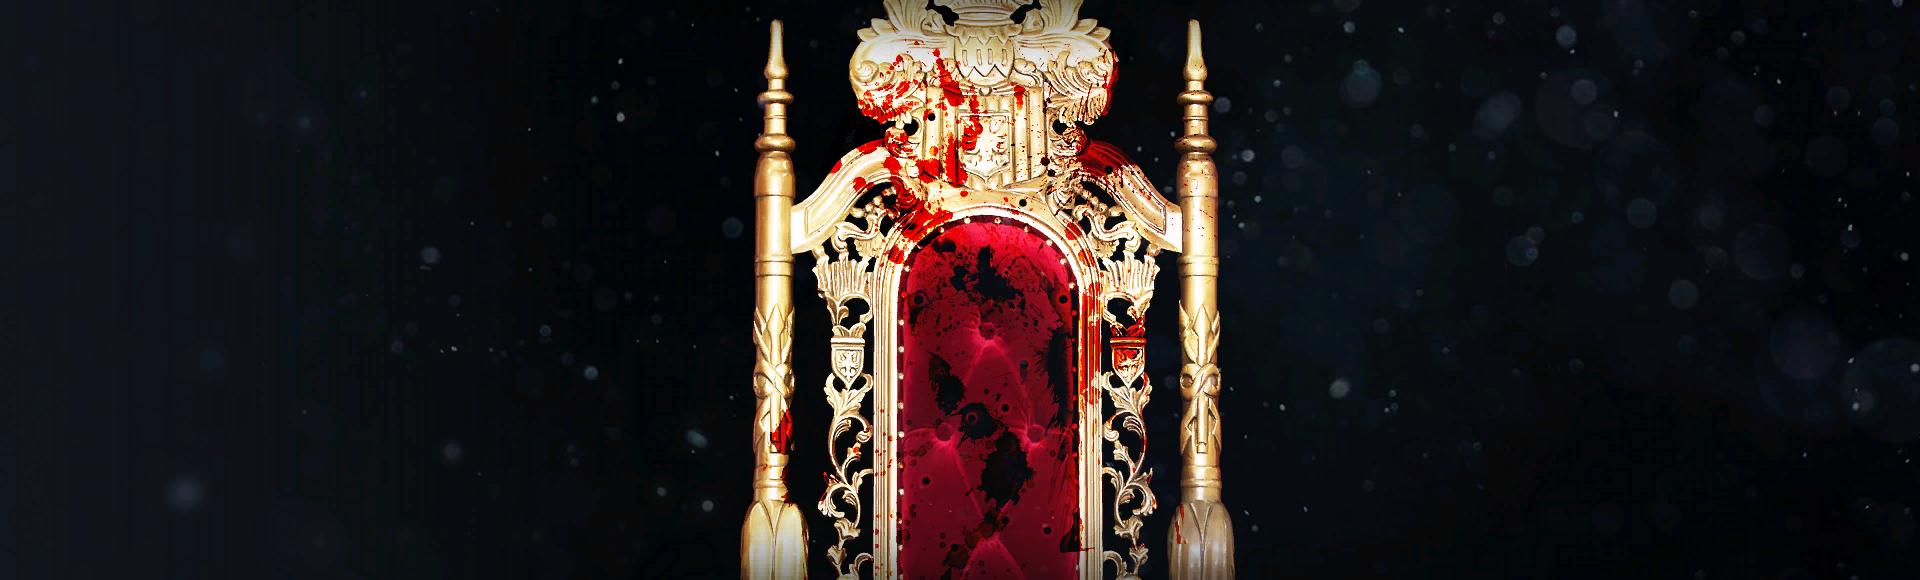 Bundle billboard of Royal Assassin